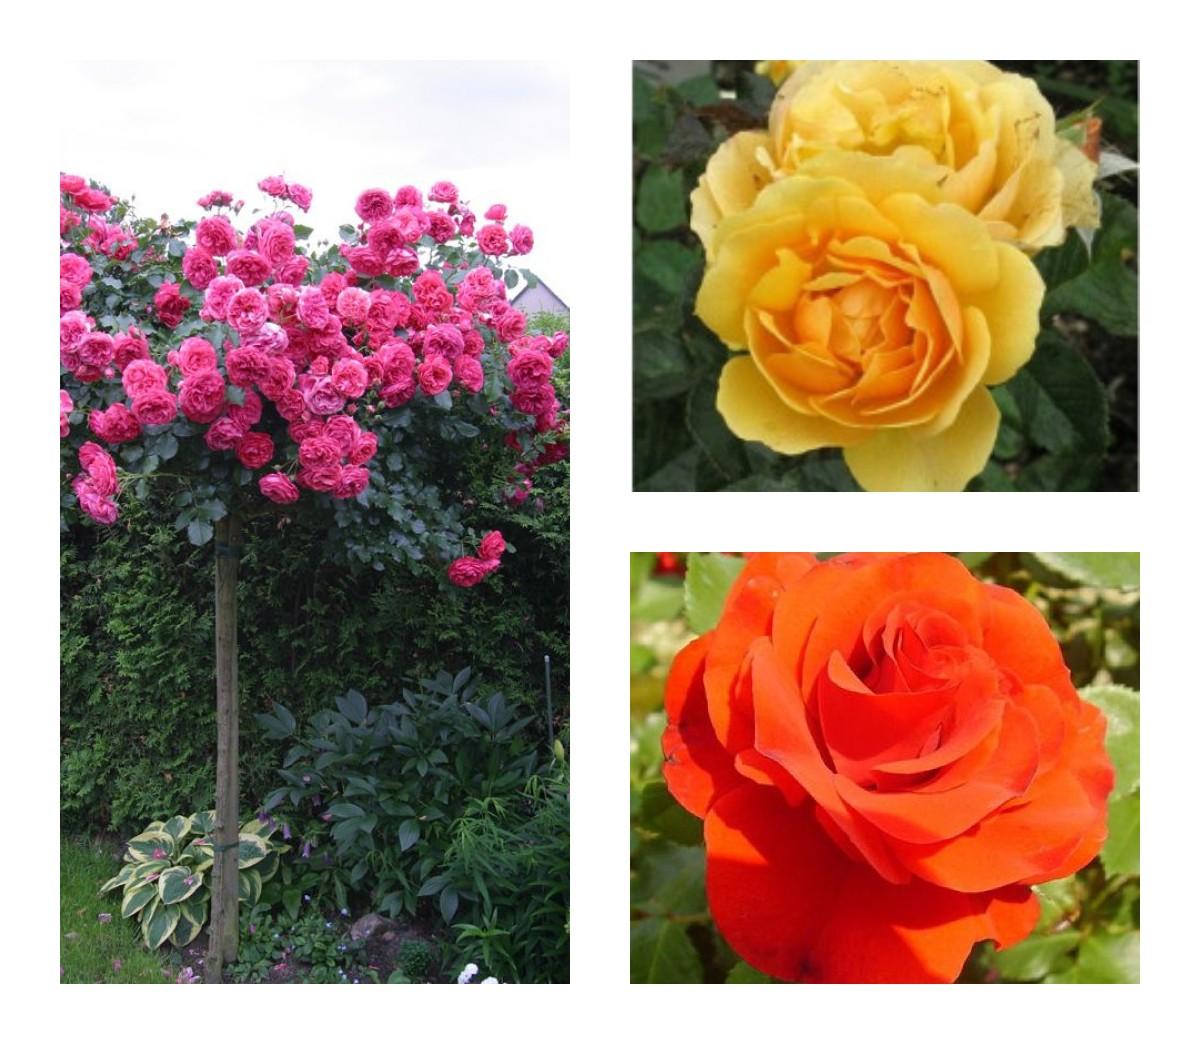 Комплект Р2-3 саженца (Штамбовые розы Ремембрэнс, Розариум Ютерзен, Эмбер Куин): фото и описание